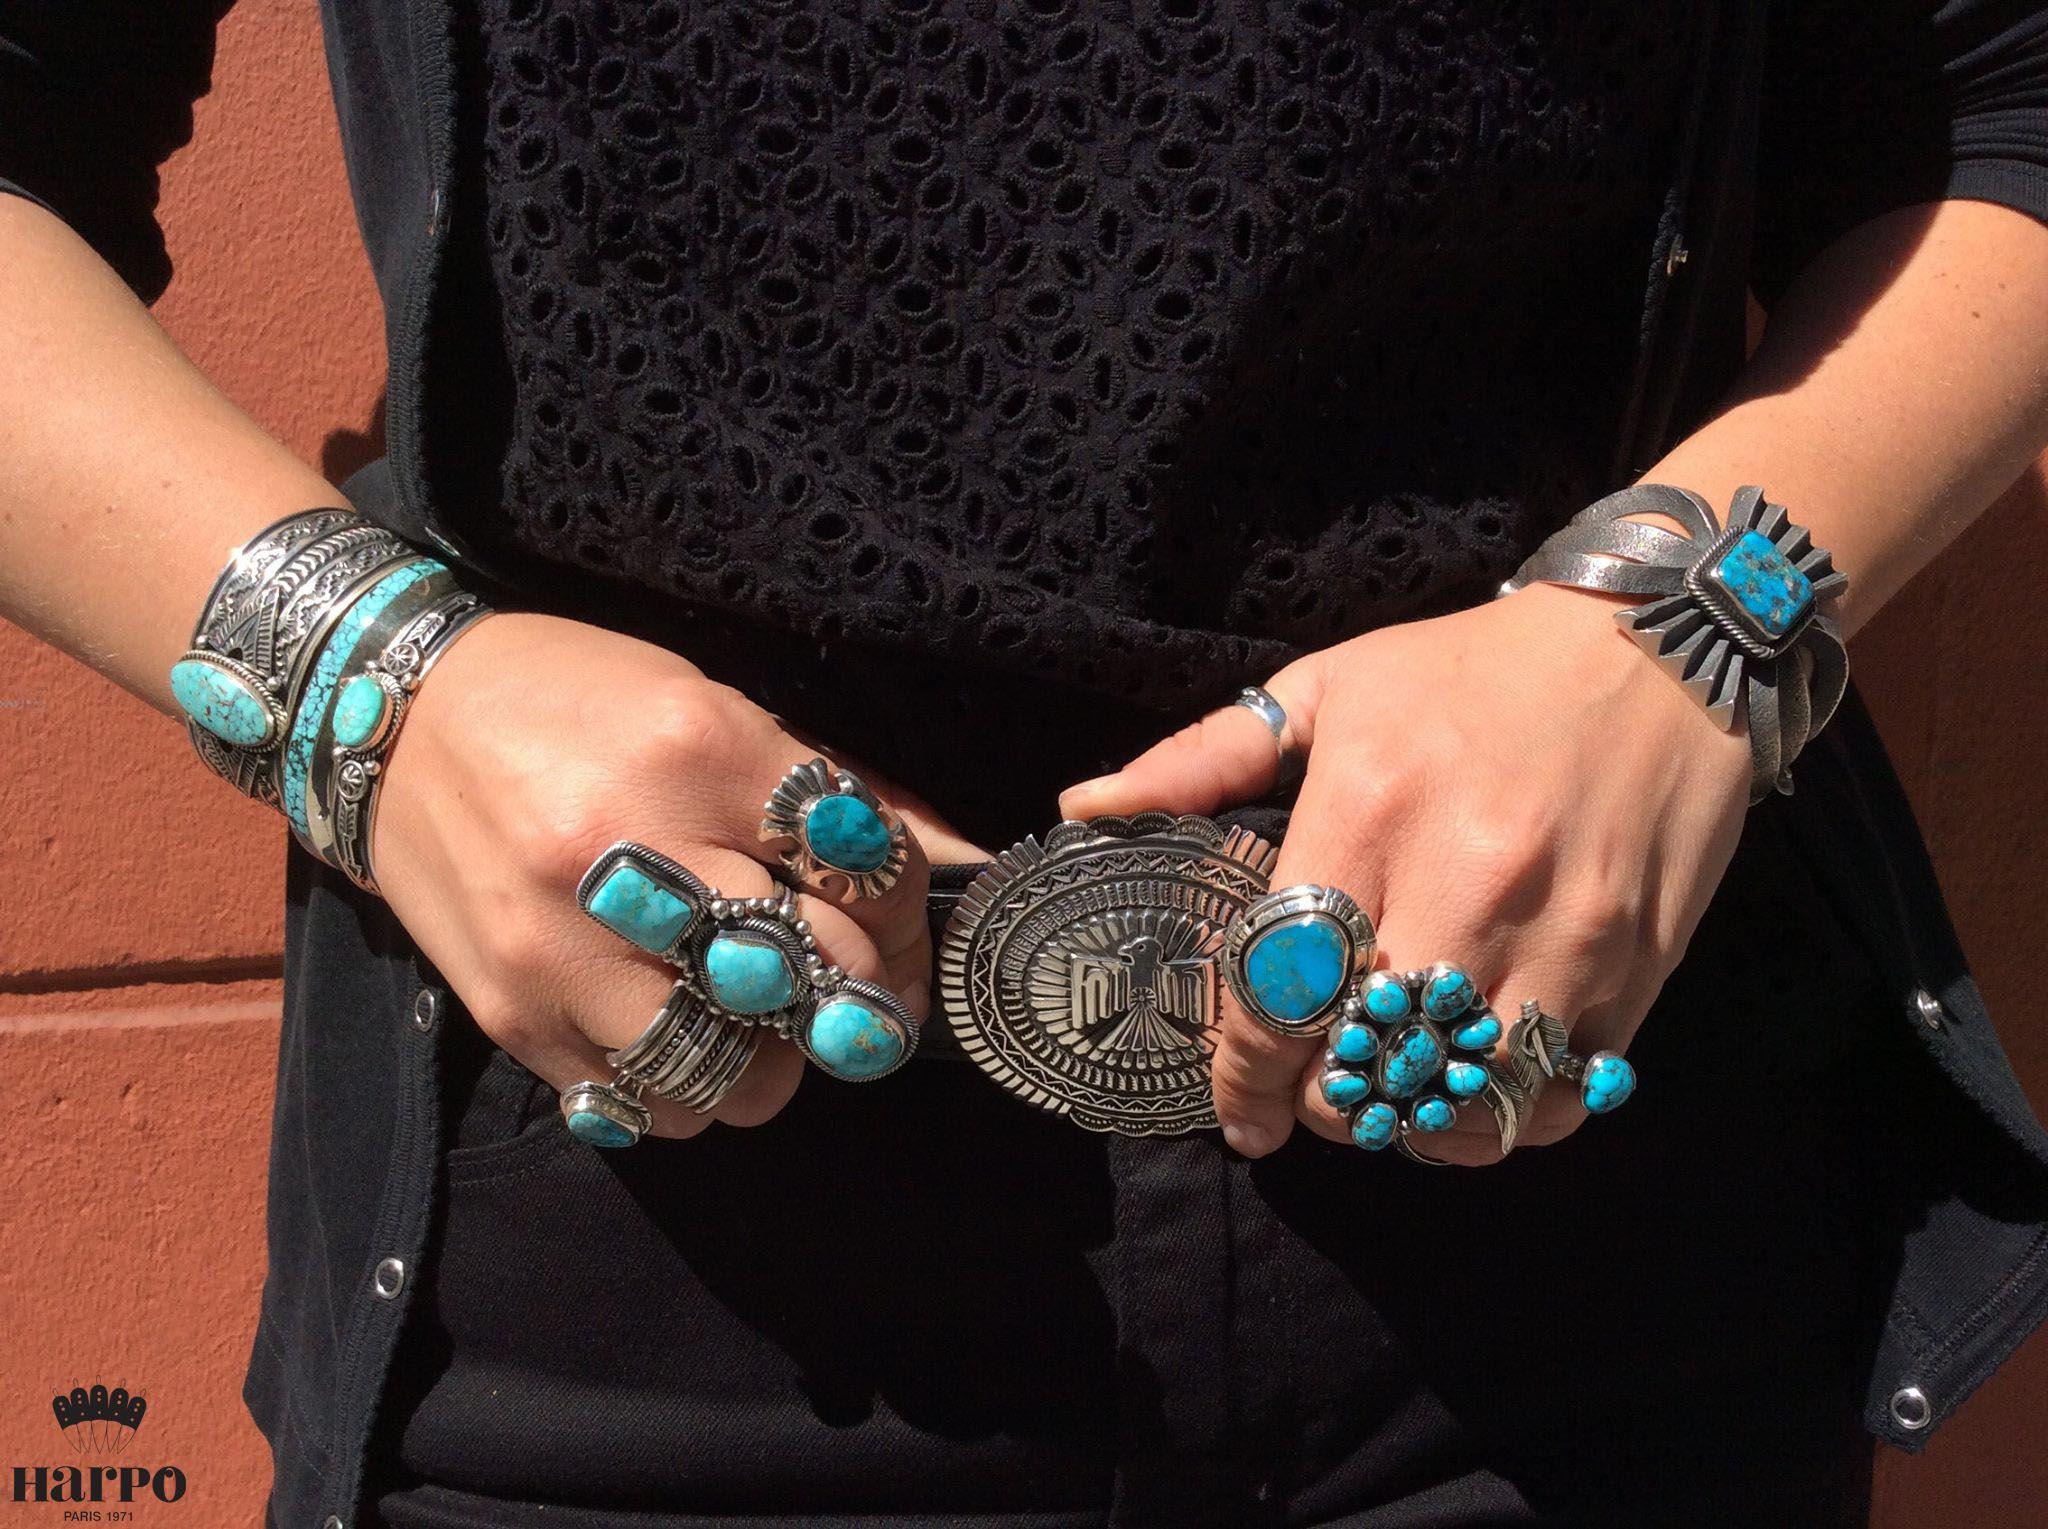 Boutique en ligne Harpo. Découvrez notre collection de bijoux en argent et  en turquoise amérindienne, ainsi que nos objets rares et accessoires issus  de